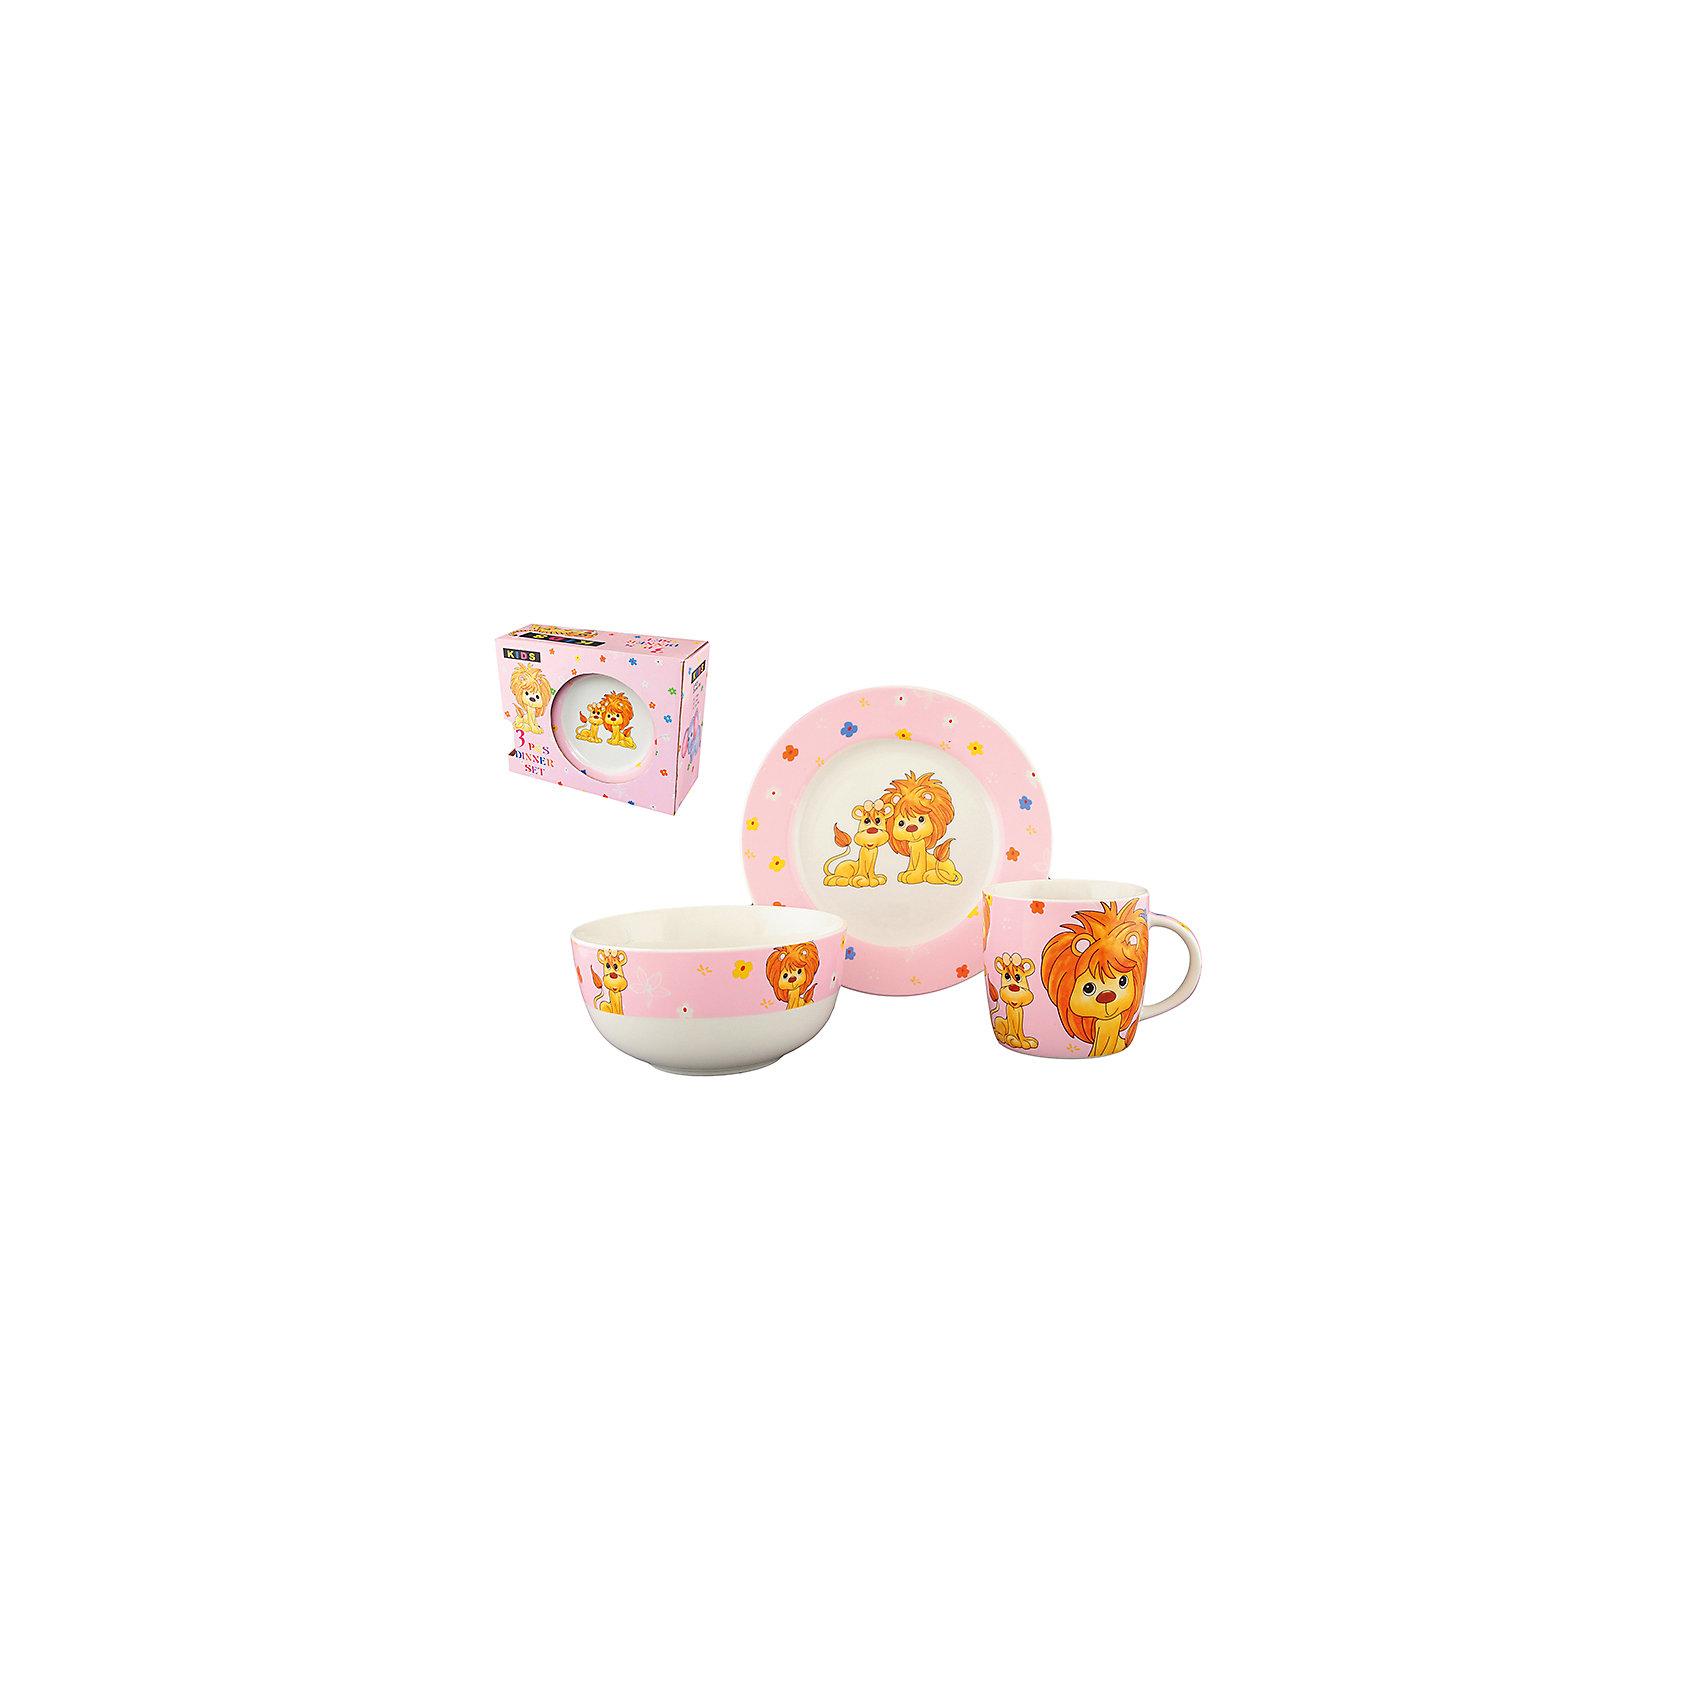 Набор детский 3 пр.Львята на розовом, Elan GalleryПосуда<br>Характеристики товара:<br><br>• цвет: мульти<br>• материал: фарфор<br>• размер: 18 х 10 х 23 см<br>• вес с упаковкой: 1000 г<br>• комплектация: кружка 250 мл., миска 500 мл. и тарелка<br>• упаковка: подарочная коробка<br>• декорирован рисунком<br>• легко мыть<br>• специально для детей<br>• для любых горячих и холодных напитков<br>• страна бренда: Российская Федерация<br>• страна производства: Китай<br><br>Отличный способ приучать малыша к самостоятельности - дарить ему собственную посуду. Этот симпатичный набор из самых необходимых предметов был разработан специально для детей. Он удобный и яркий. <br><br>Есть и пить из красивой посуды с яркими рисунками дети будут гораздо охотнее! Комплект станет приятным и полезным подарком для малыша и его родителей. <br><br>Бренд Elan Gallery - это красивые и практичные товары для дома с современным дизайном. Продукция компании предлагает сотни идей для приятных подарков. Они добавляют в жильё уюта и комфорта! <br><br>Набор детский 3 пр.Львята на розовом в чемоданчике, Elan Gallery можно купить в нашем интернет-магазине.<br><br>Ширина мм: 230<br>Глубина мм: 97<br>Высота мм: 178<br>Вес г: 963<br>Возраст от месяцев: 0<br>Возраст до месяцев: 1188<br>Пол: Унисекс<br>Возраст: Детский<br>SKU: 6668899